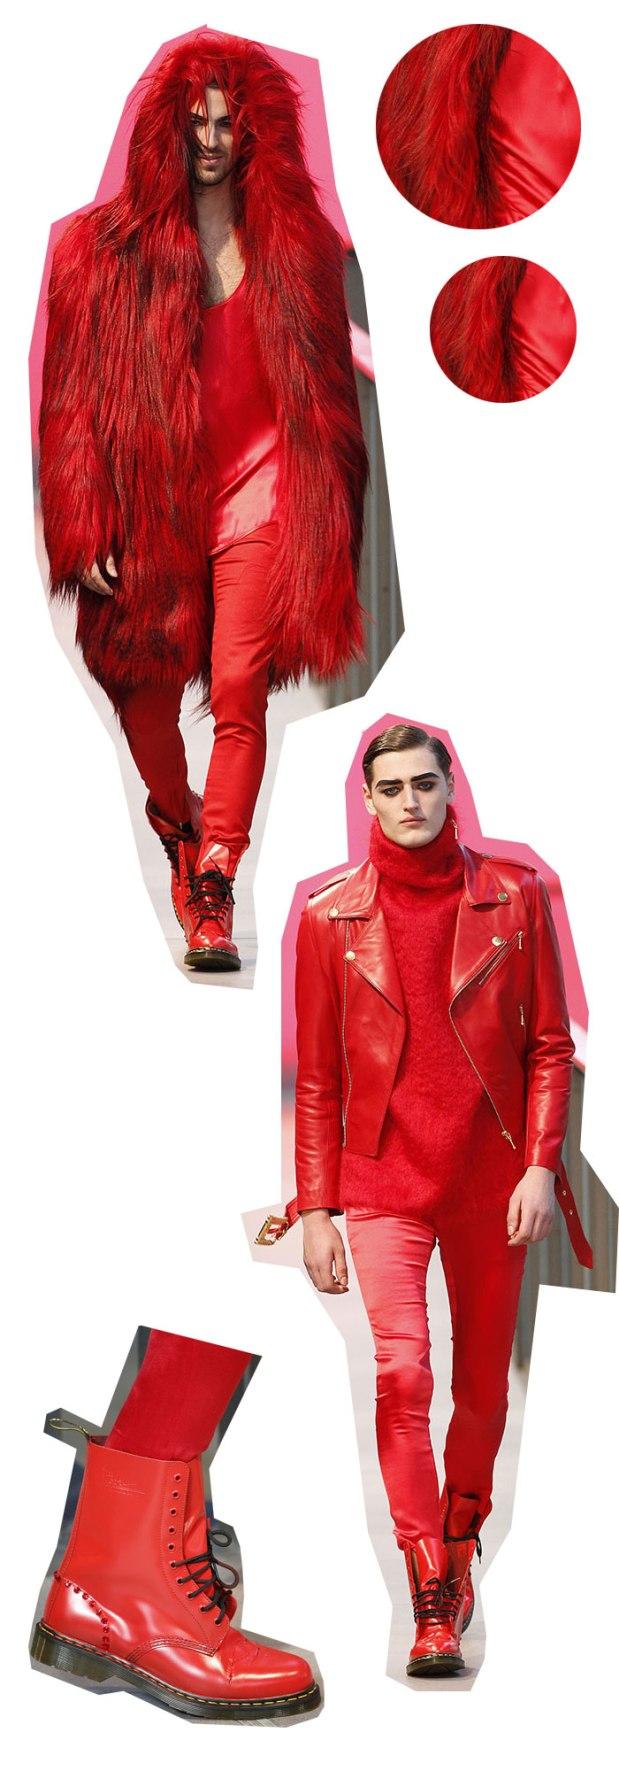 albeniz-080-barcelona-fashion-fw2014-2015-men-collection-modaddiction-8